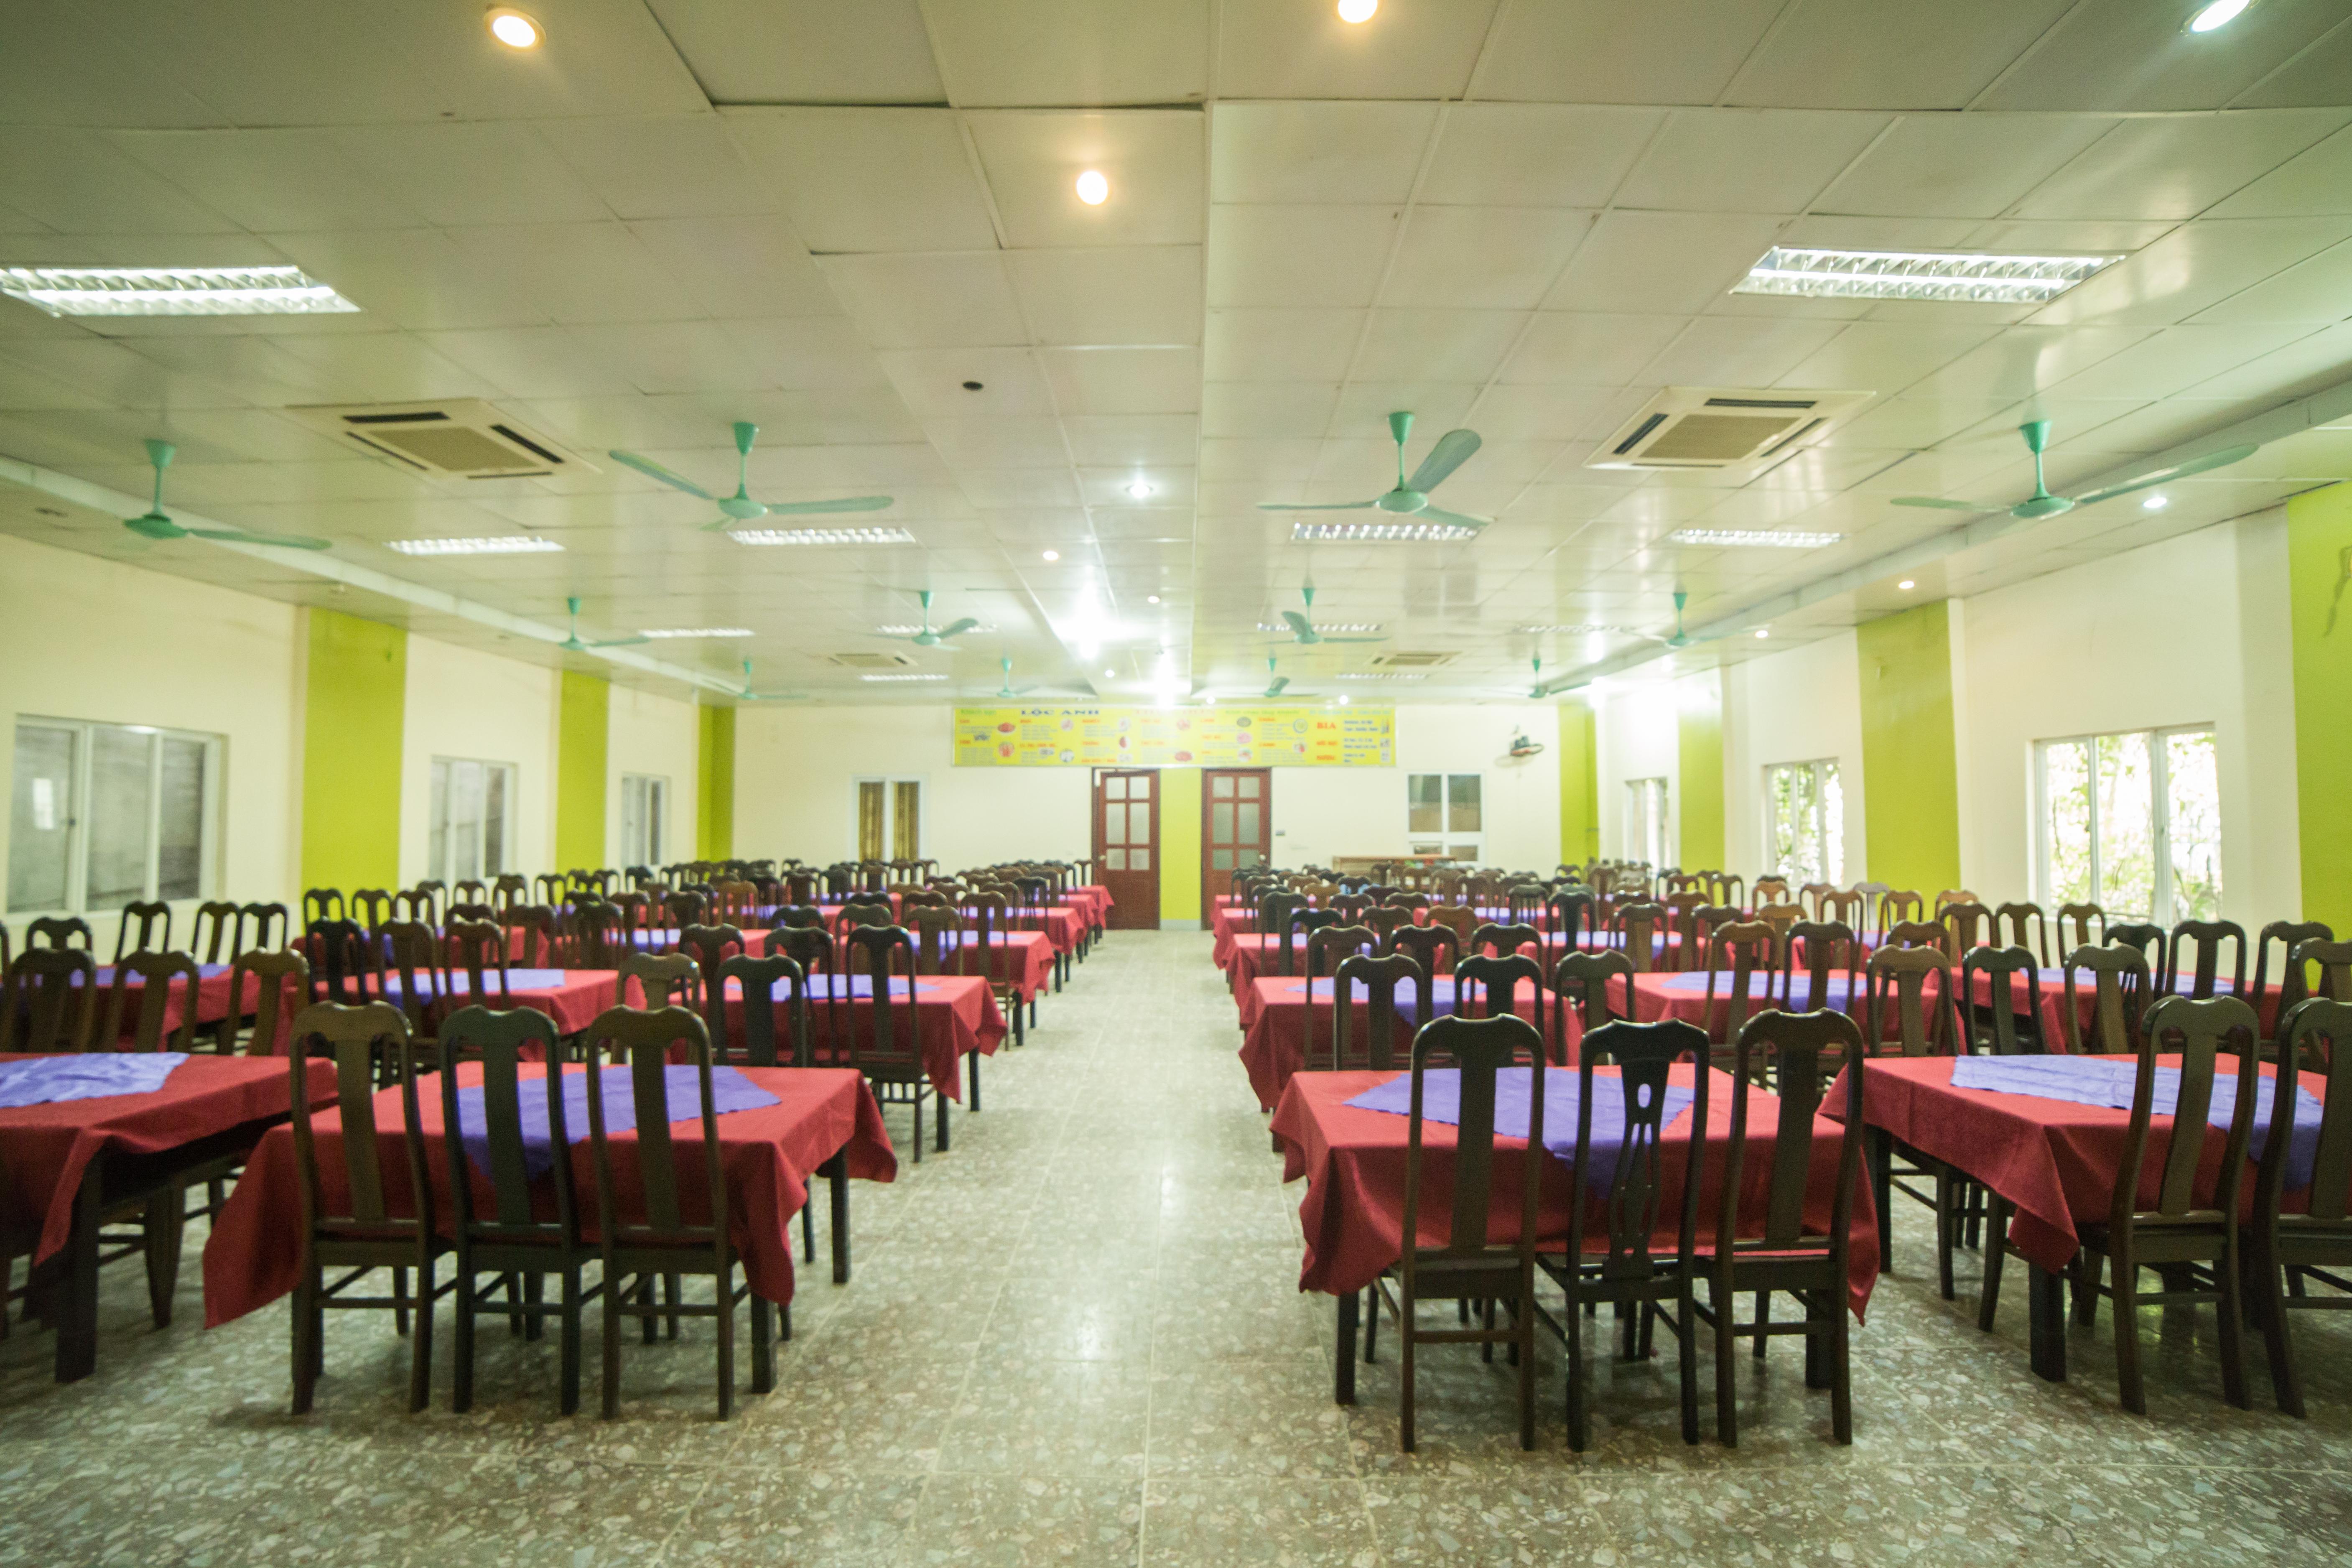 Phòng ăn khách sạn Lộc Anh 2 có 150 chỗ